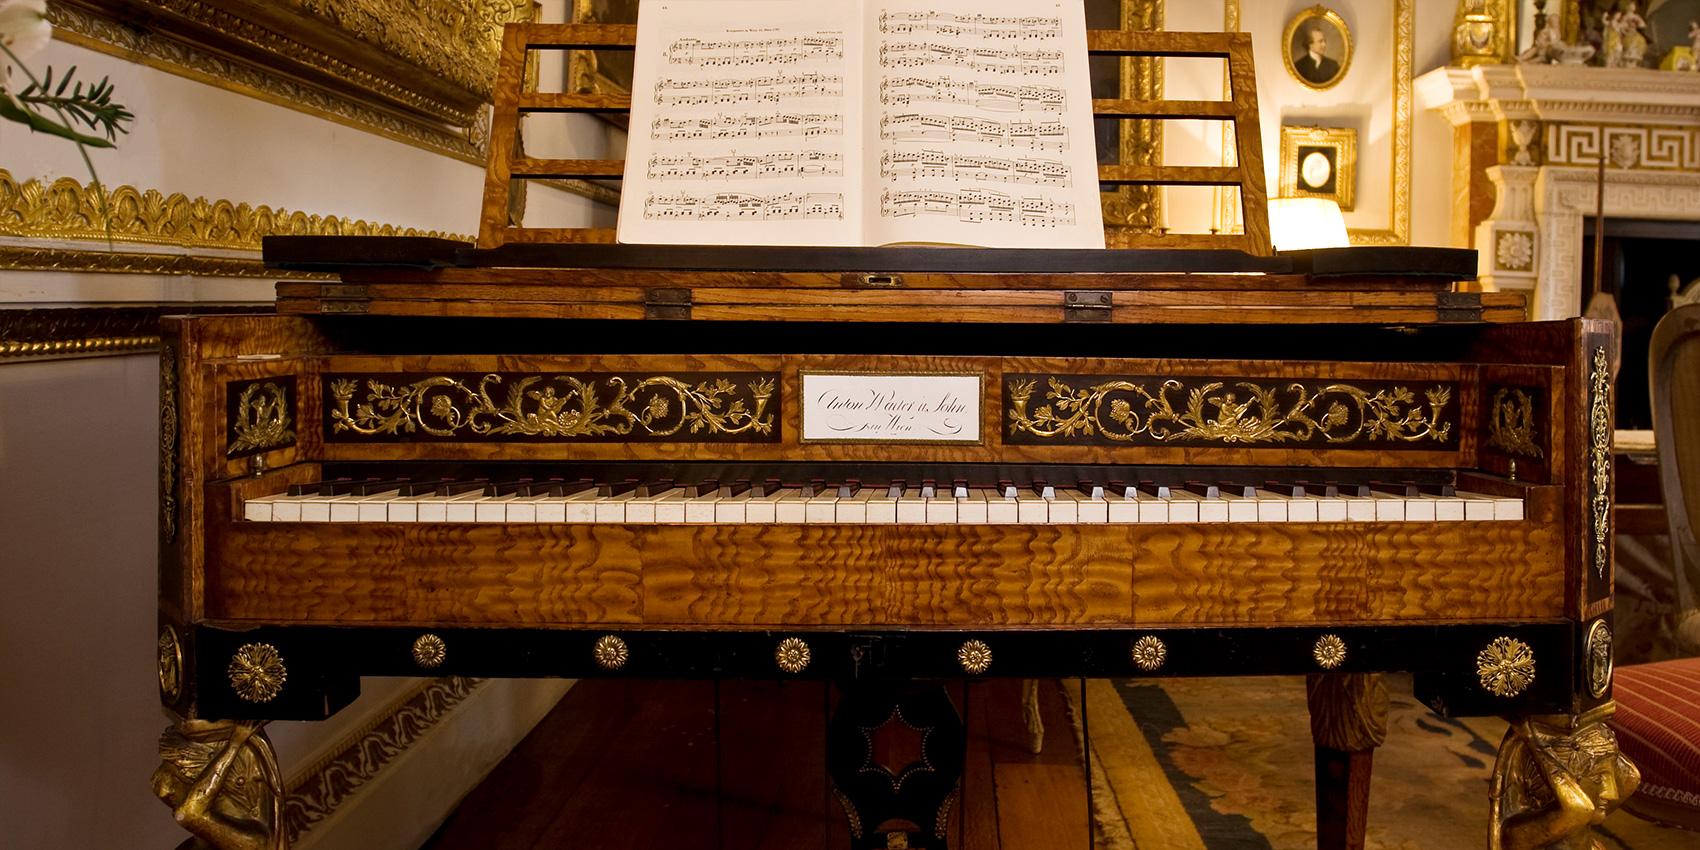 22 Walter piano, keyboard